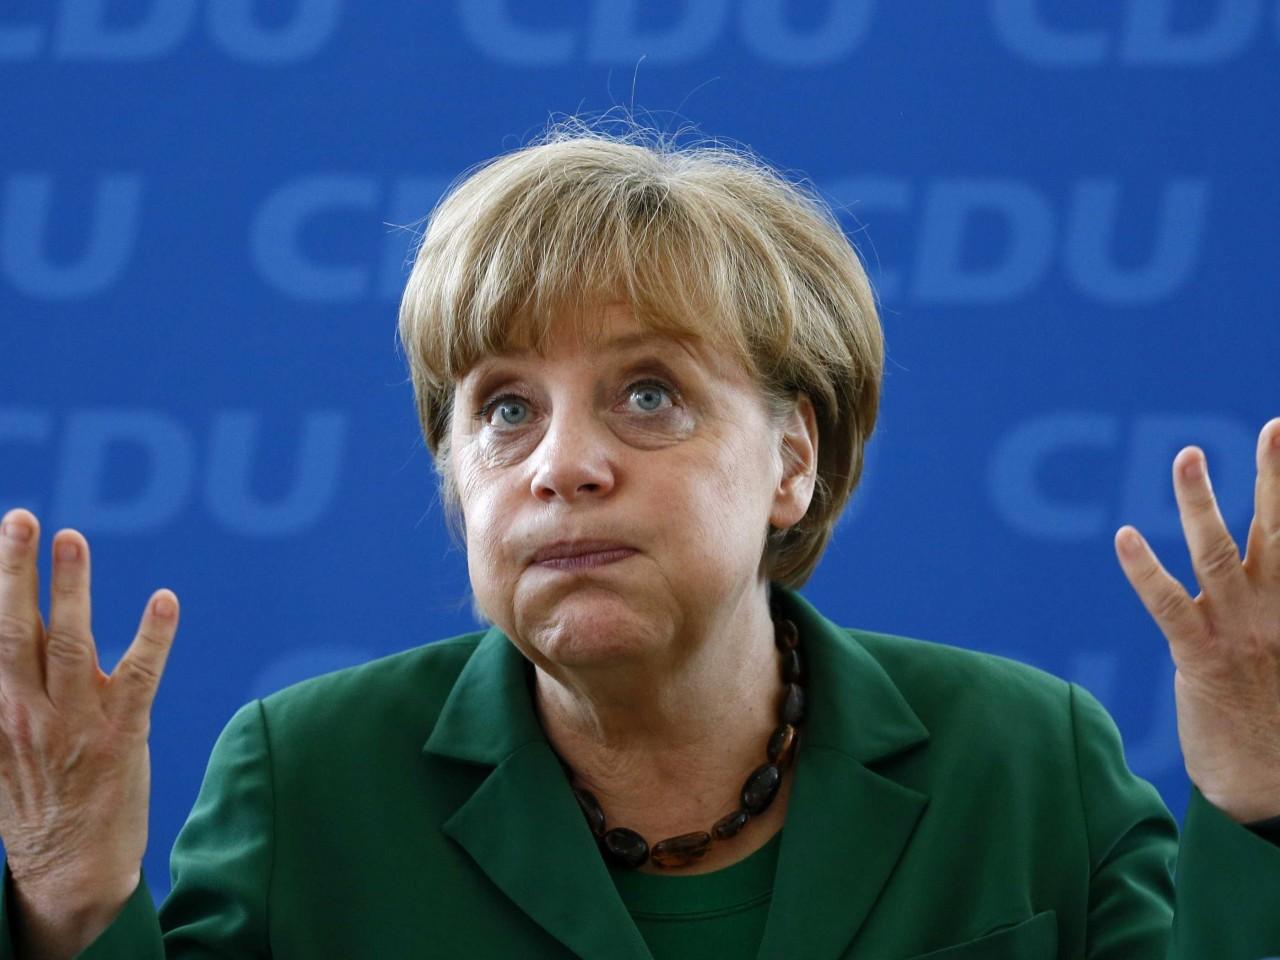 У Меркель считают, что украинские депутаты сошли с ума